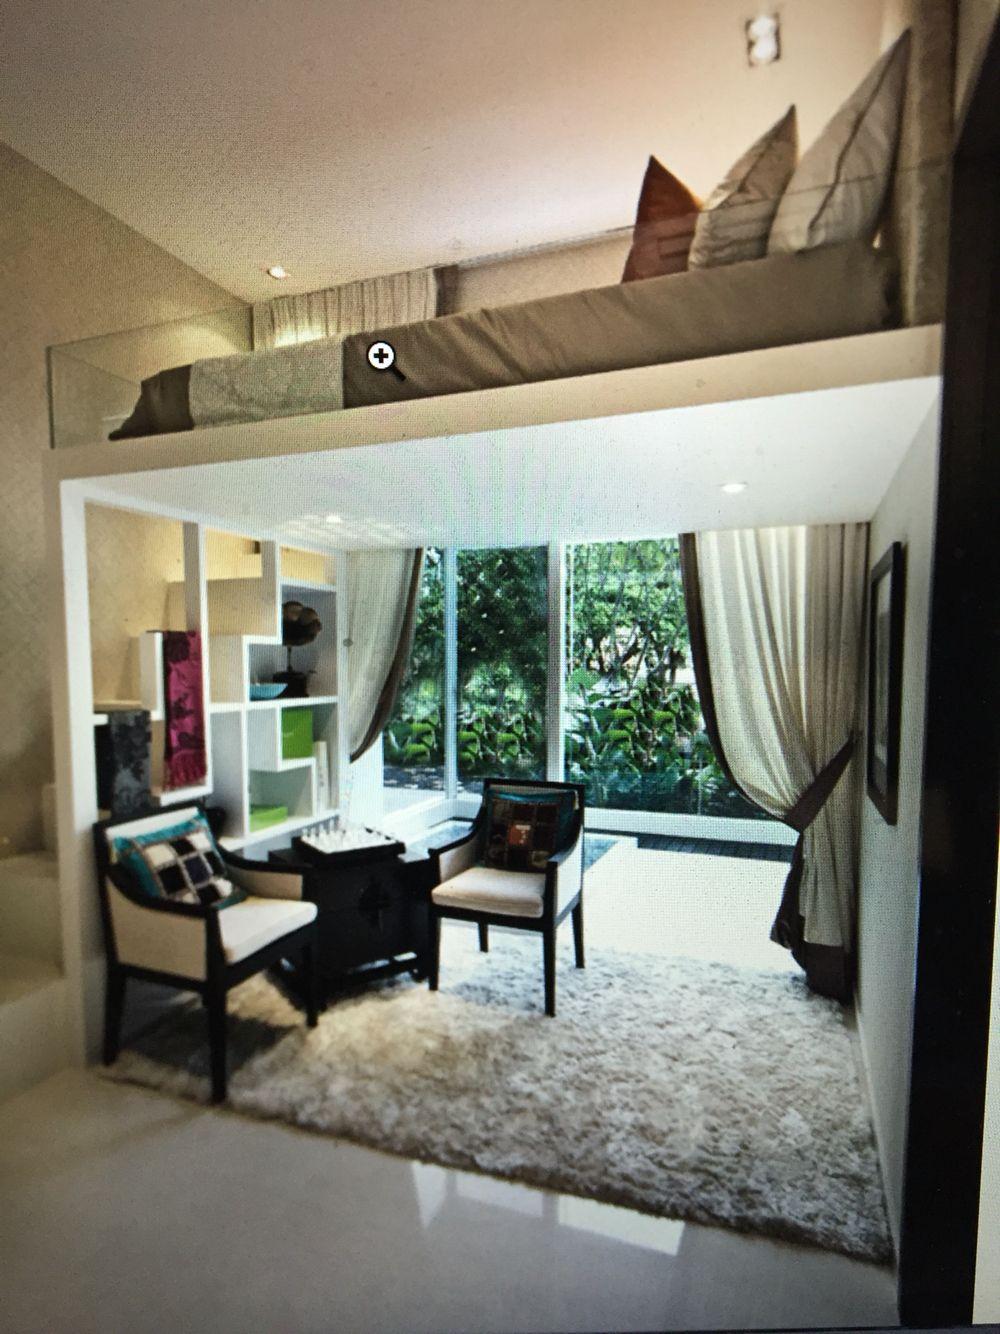 Great Mezzanine For A Studio Apartment